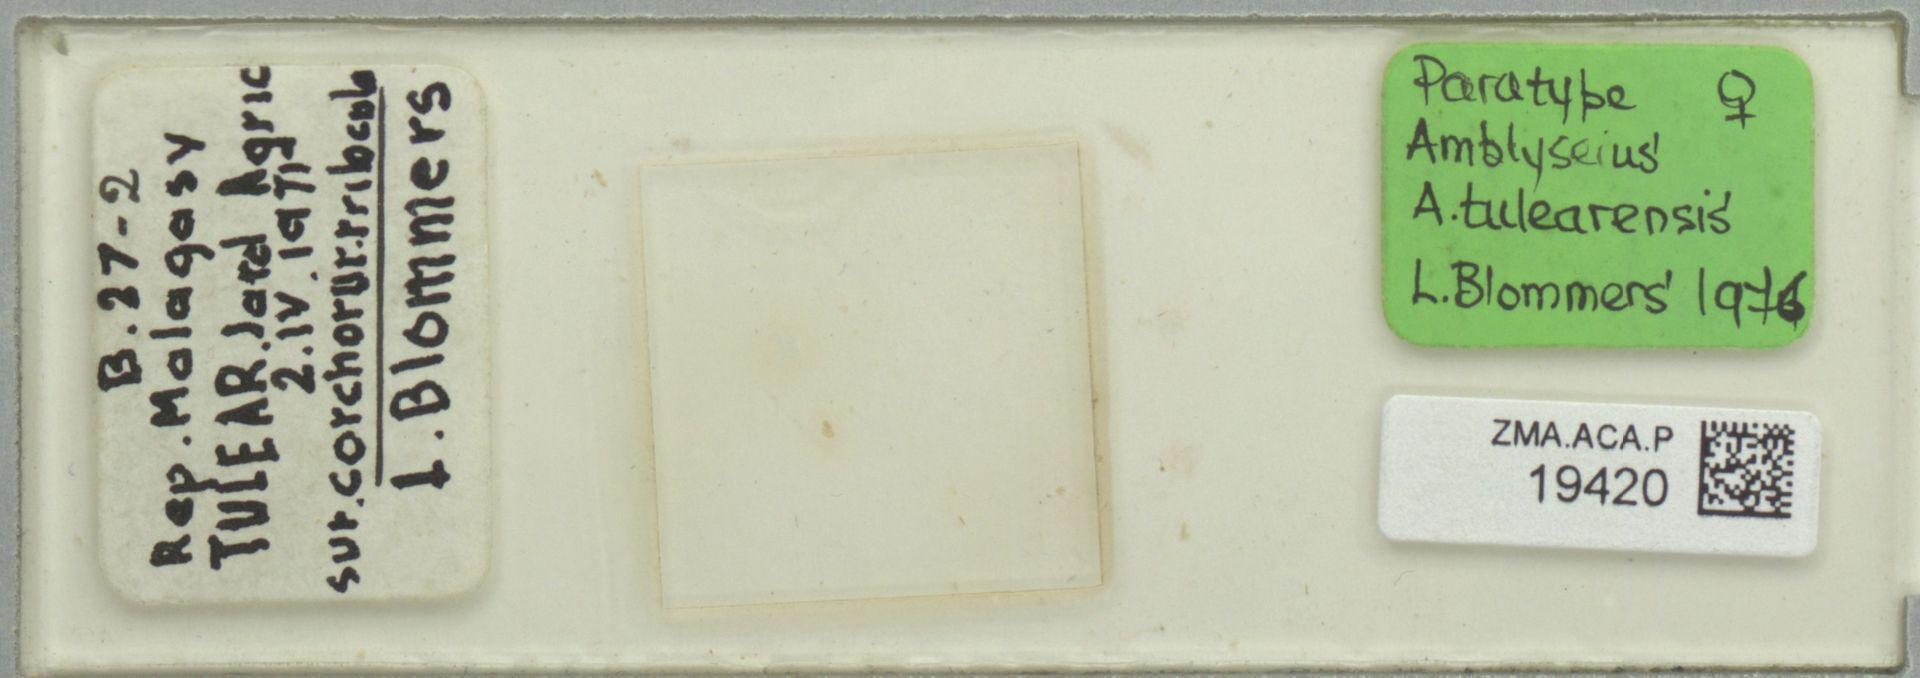 ZMA.ACA.P.19420 | Amblyseius (Amblyseius) tulearensis Blommers, 1976